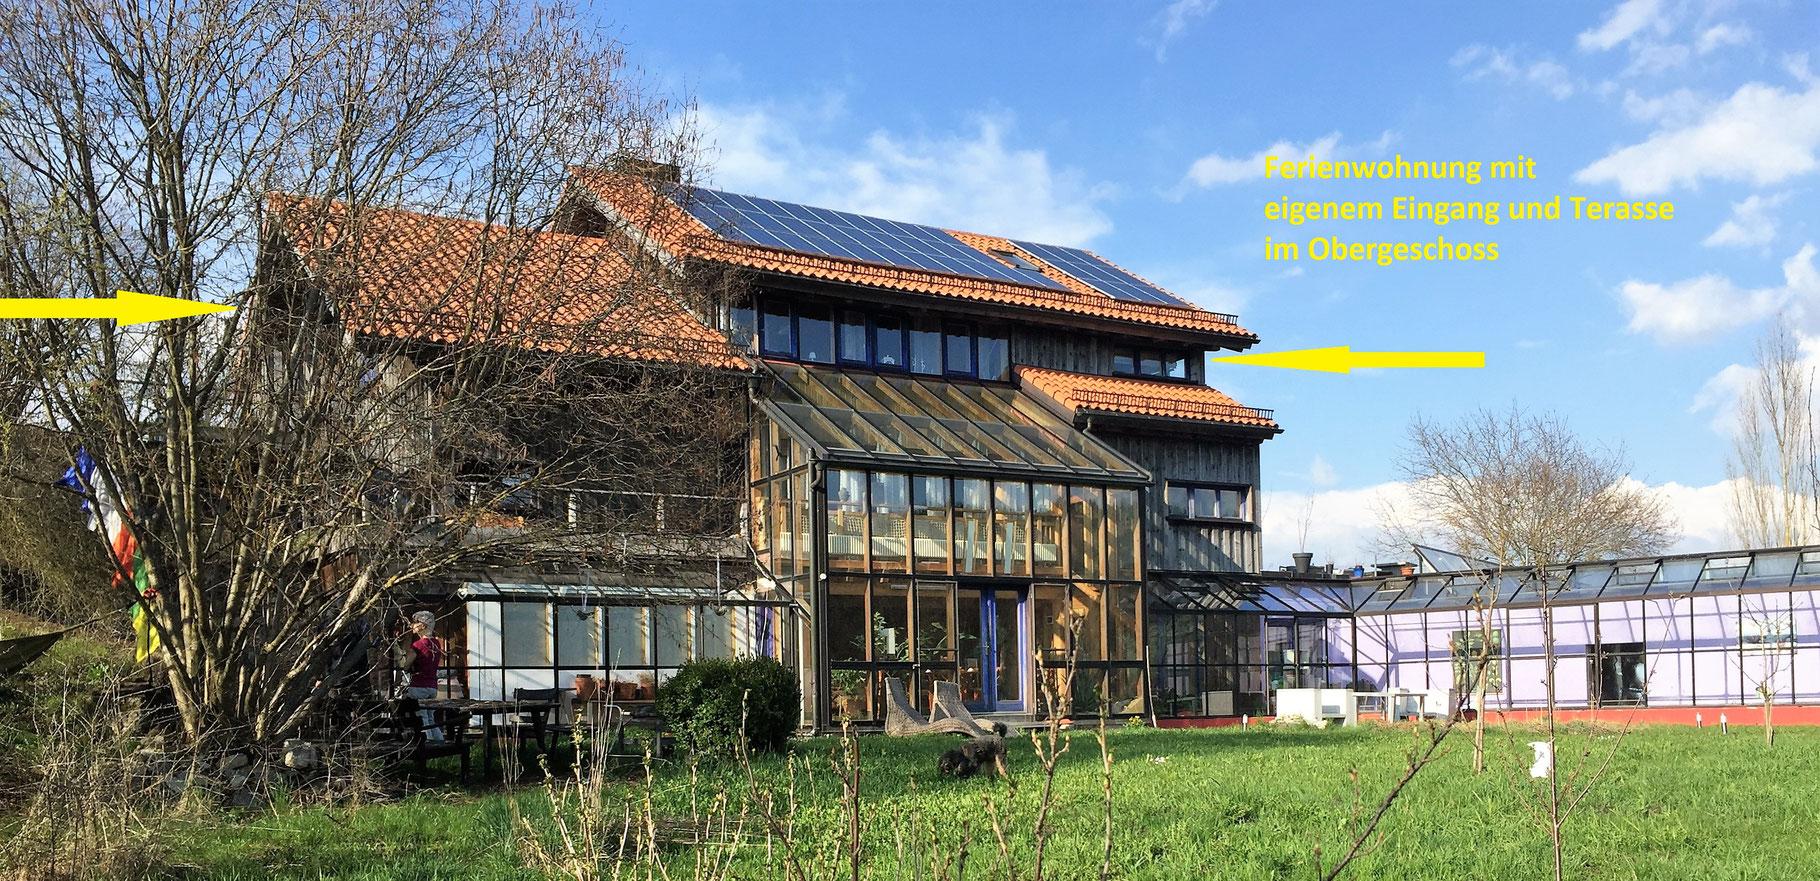 Urlaub im Schwarzwald geniessen, Ferienunterkunft Holzhaus in Wutach nahe der Wutachschlucht